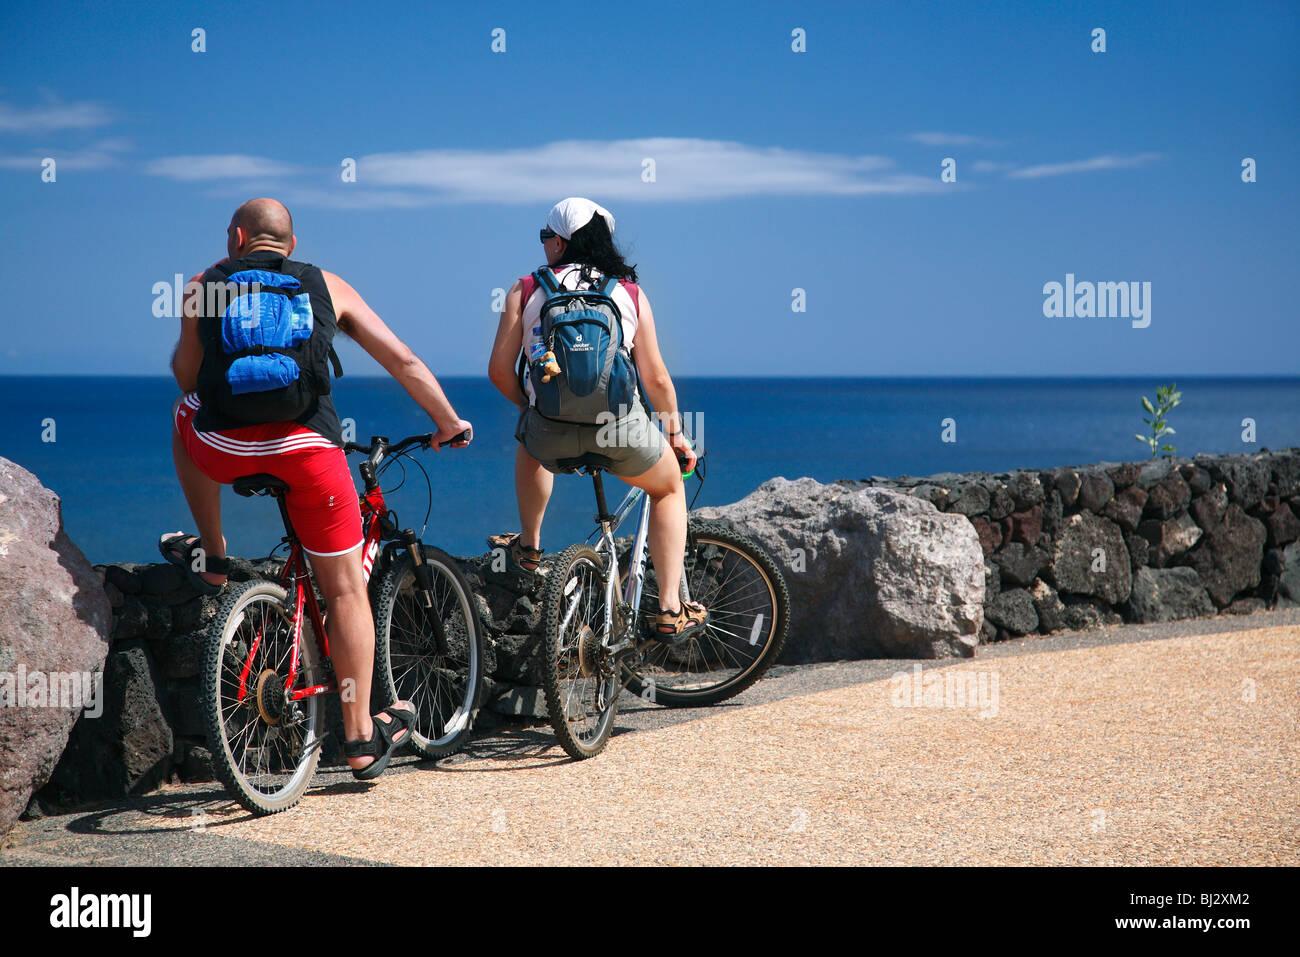 Touristen, die auf Fahrrädern mit Blick auf das Meer, Lanzarote, Kanarische Inseln, Spanien Stockbild